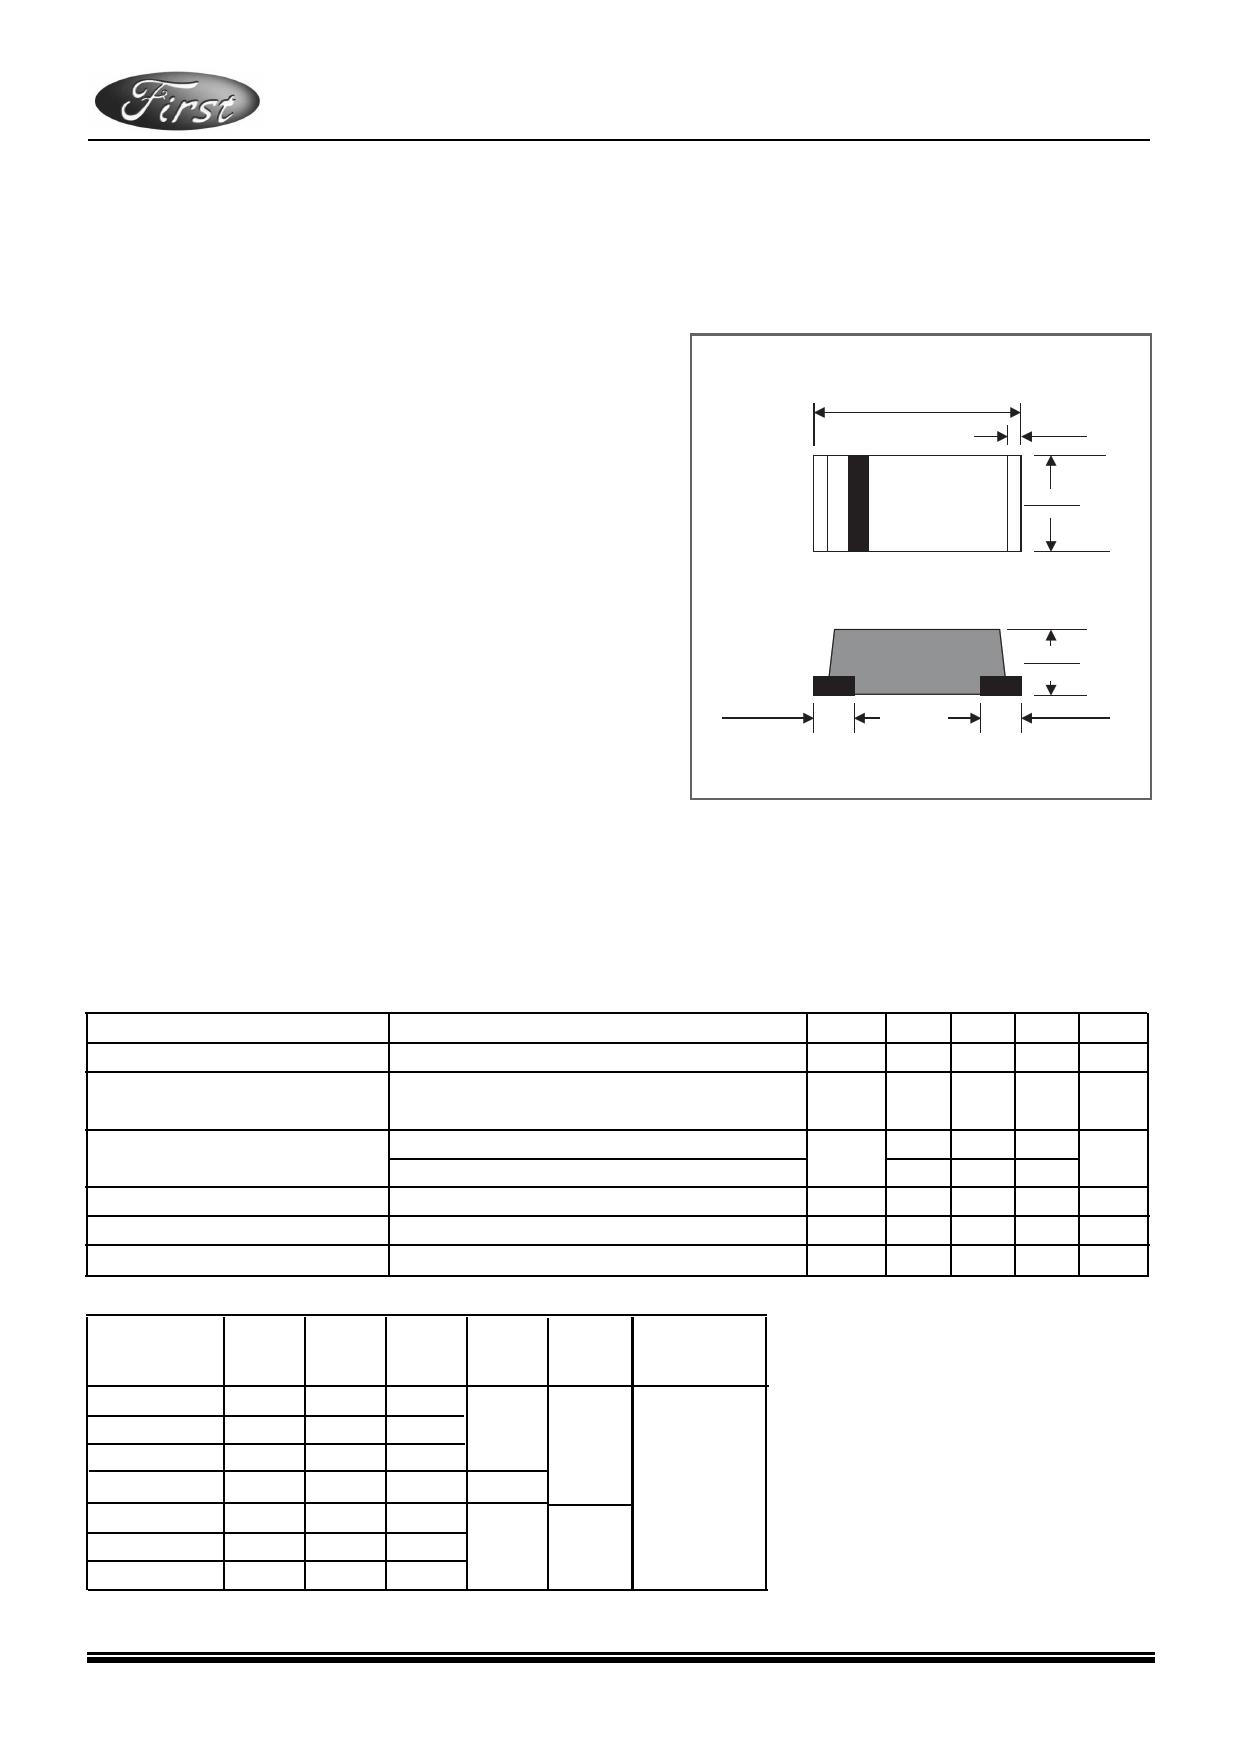 MURA240G Datasheet